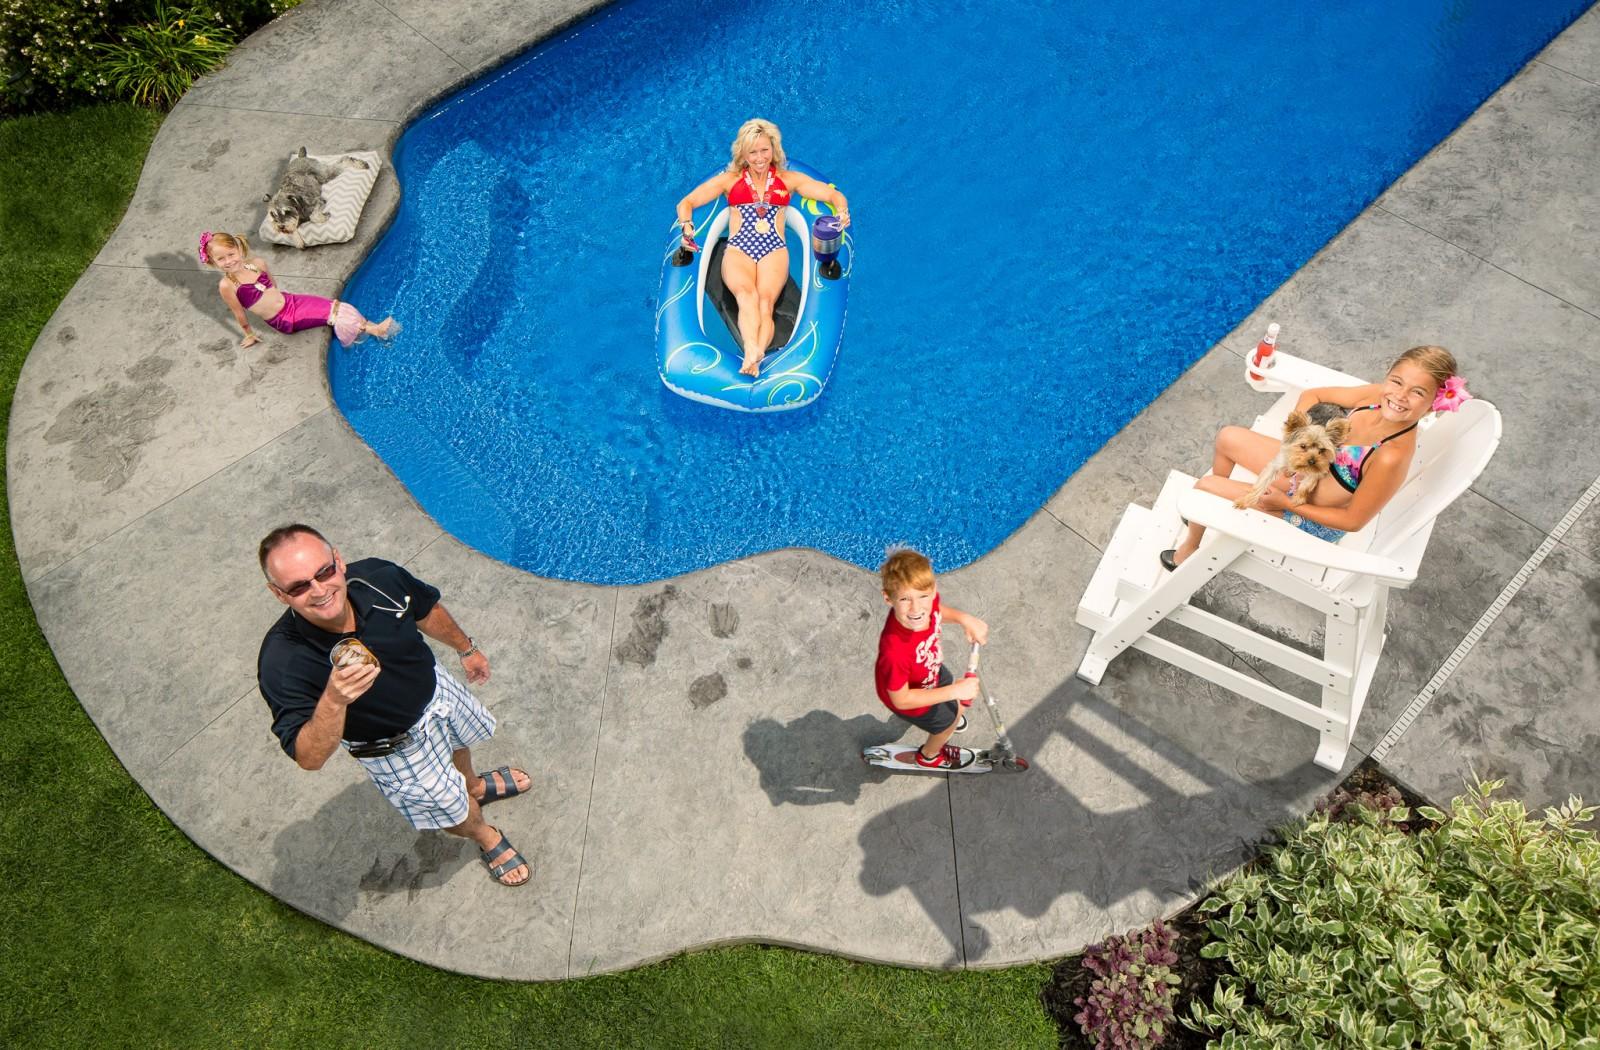 Ottawa_Extreme-Family_Photographer_Justin_Van_Leeuwen--Kells-FreitagFamily-Final